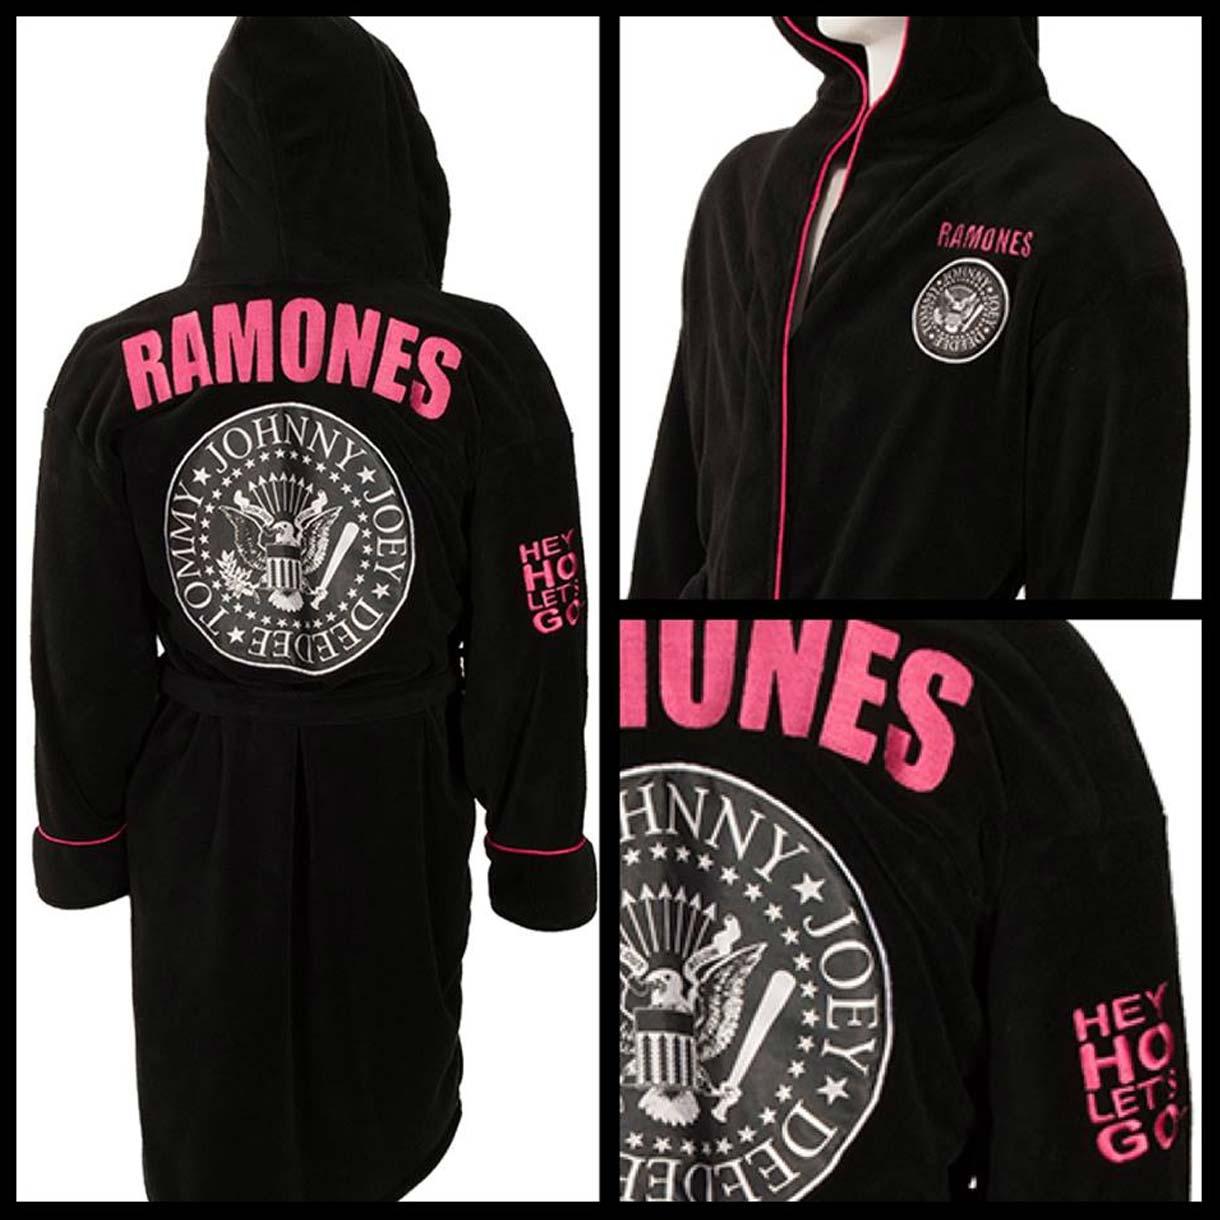 Ramones-apparel--accappatoio-vestaglia---semmstore.com-semm-semmmusic-record-store-music-store-semmstore